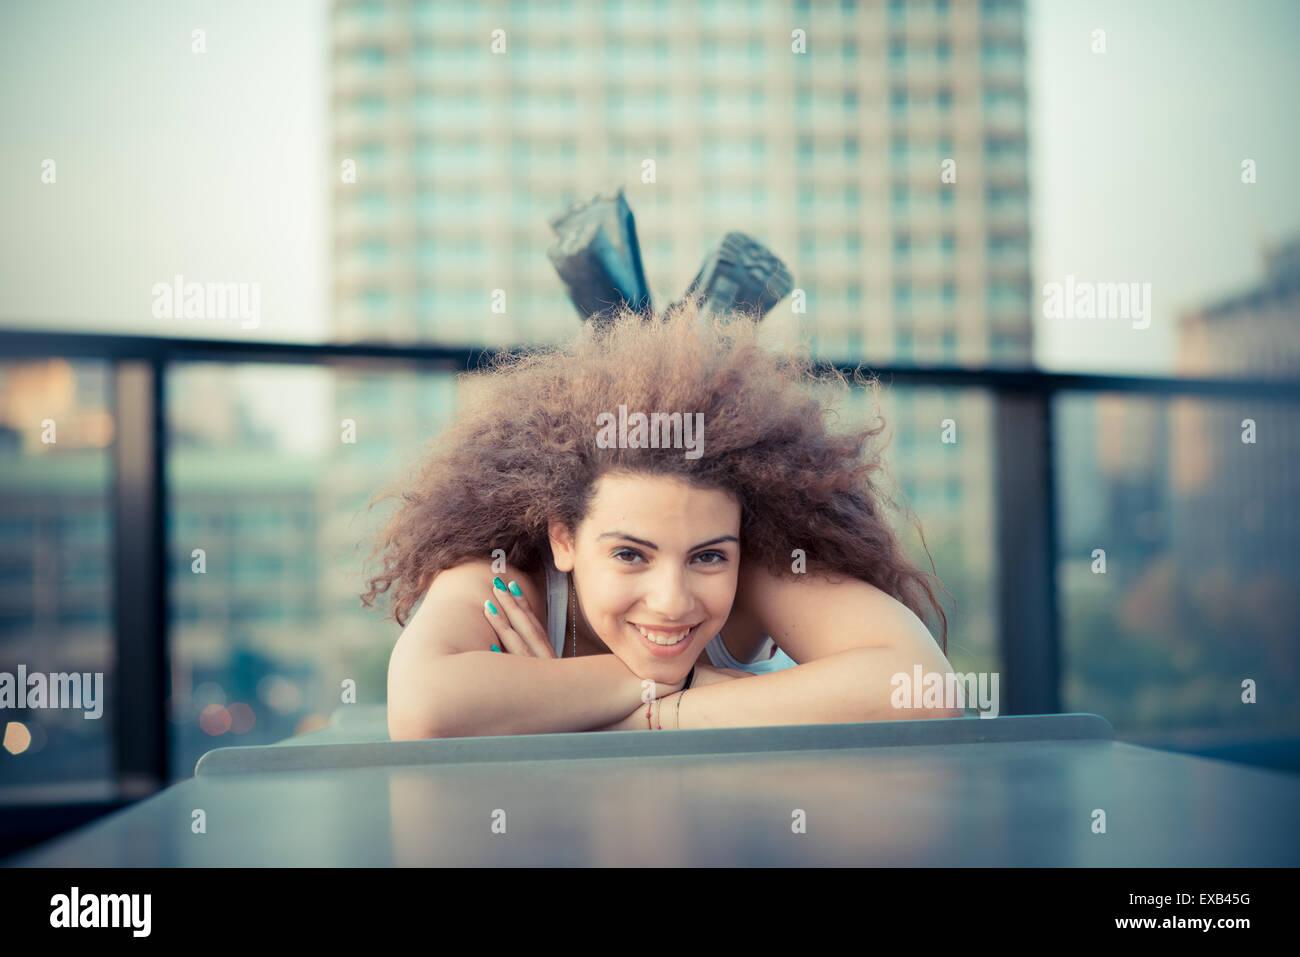 junge schöne langes lockiges Haar-Hipster-Frau in der Stadt Stockbild